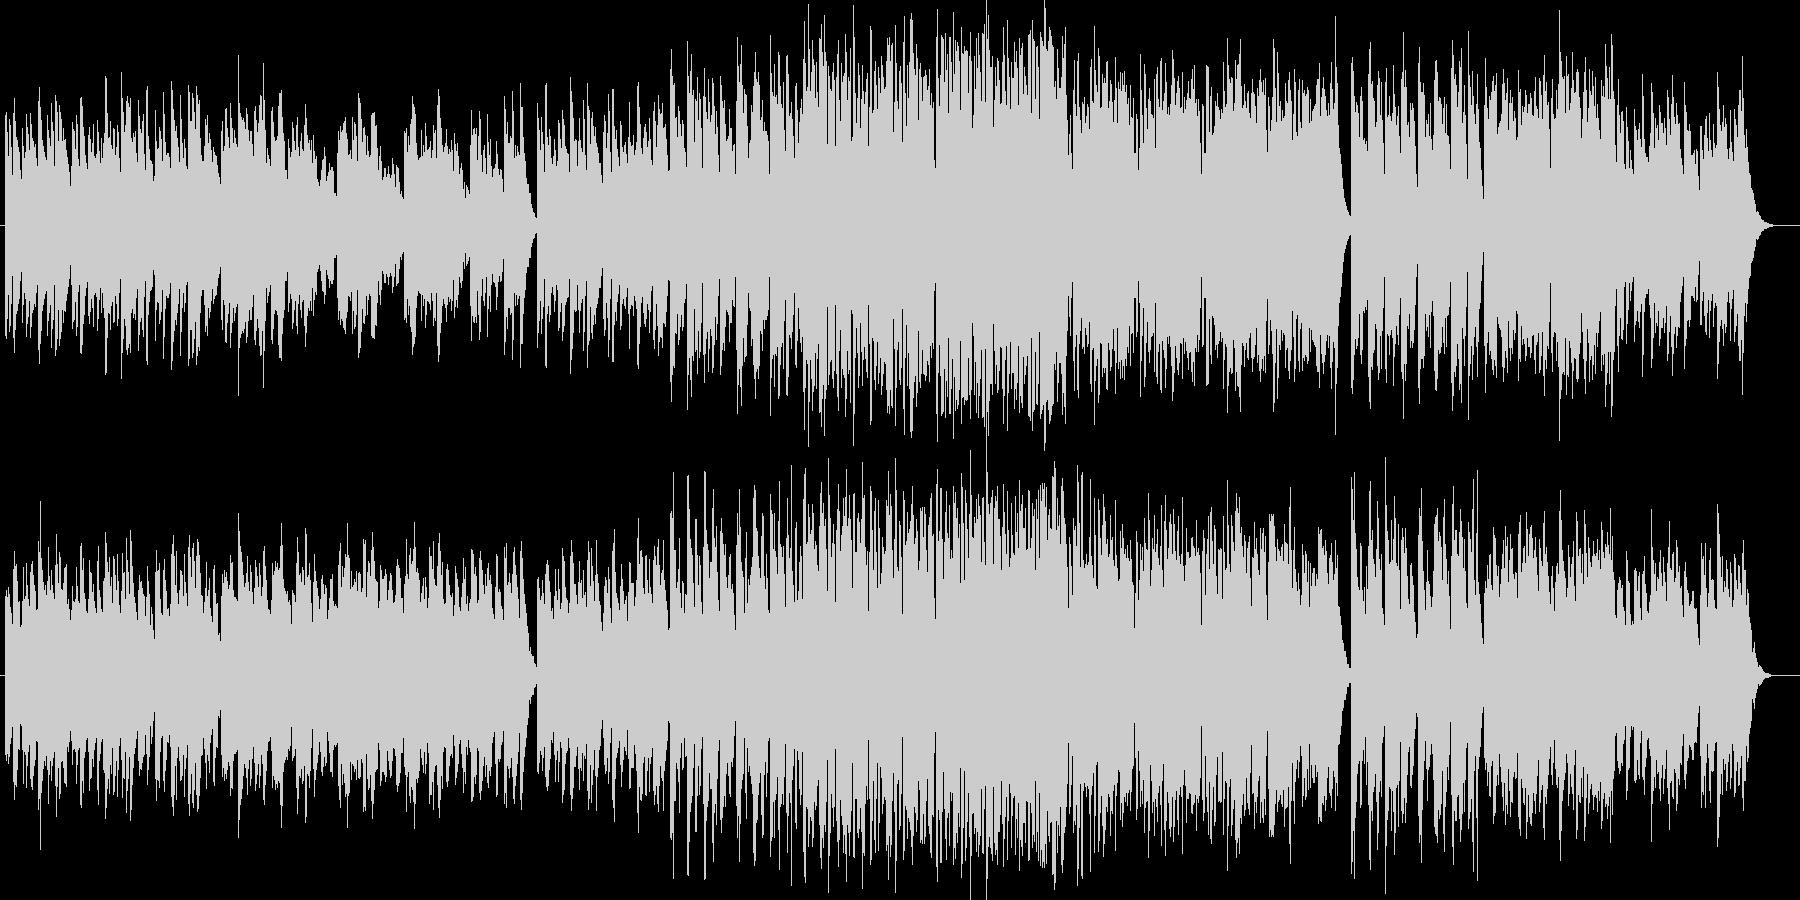 美しい音色のオルゴールシンセなどの曲の未再生の波形